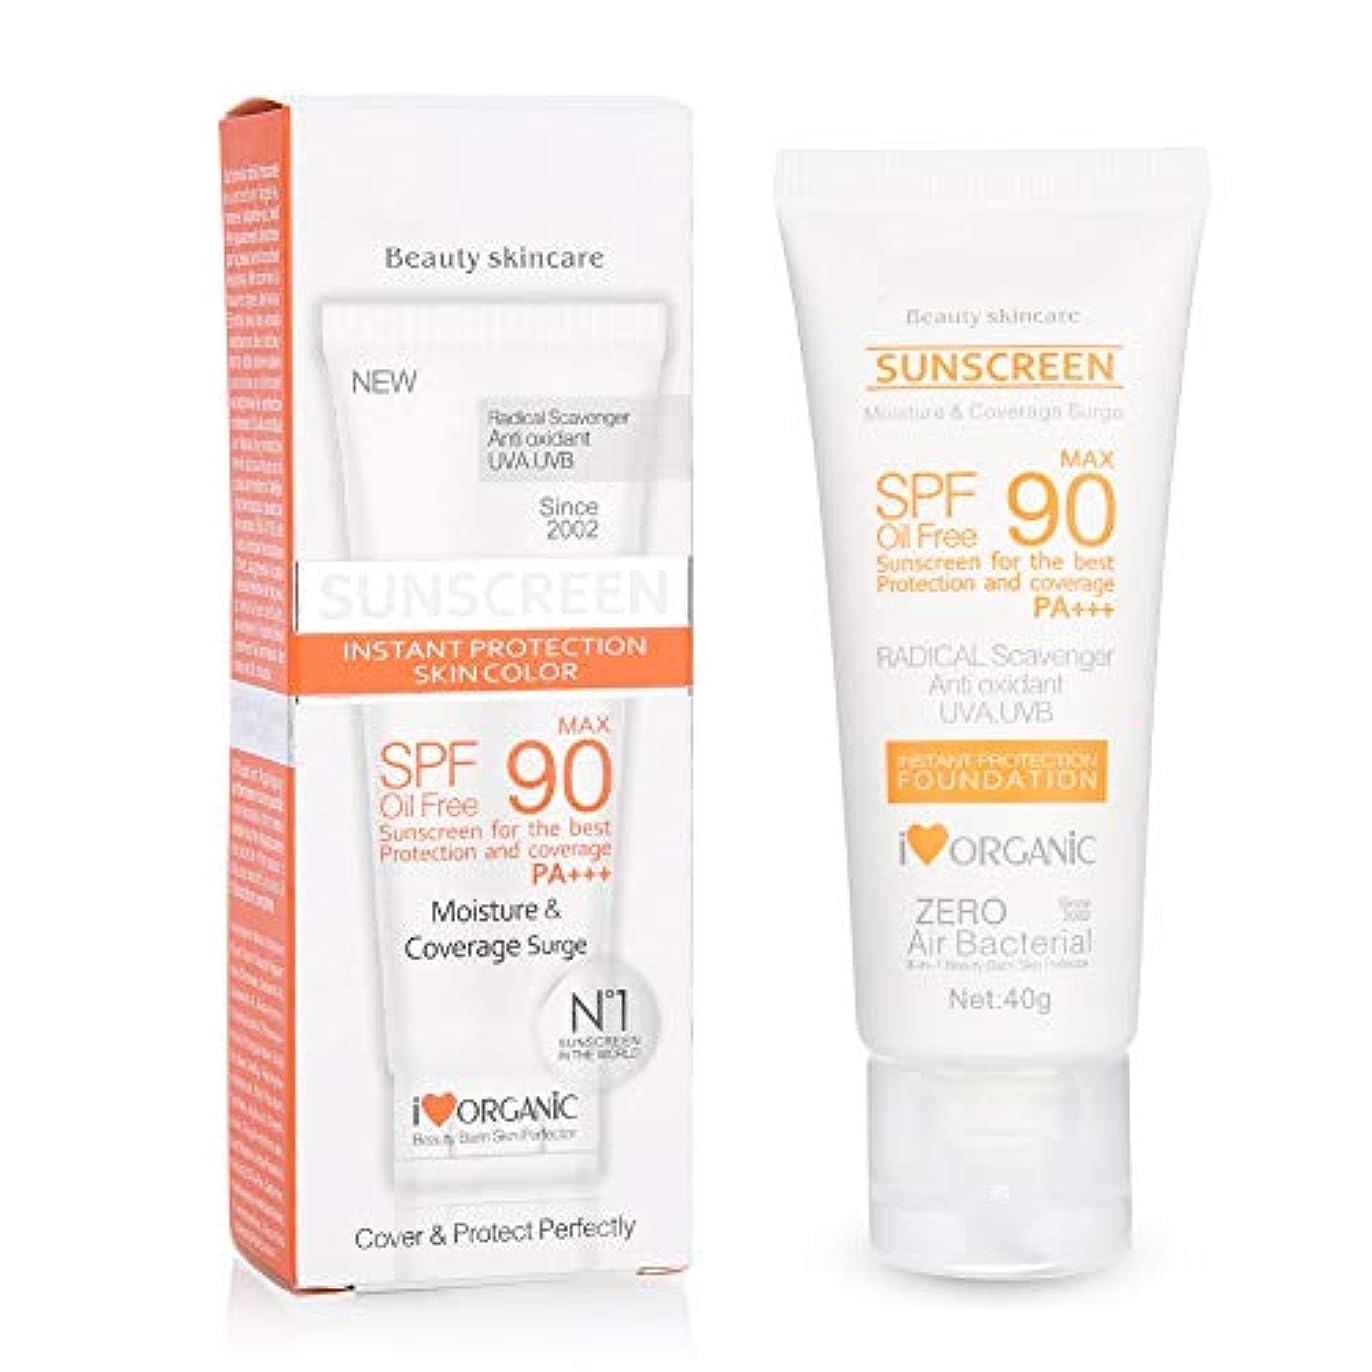 肌寒いタイト騒々しい日焼け止めクリーム、日焼け止めクリームSPF50 +日焼け止めクリームは、日光や日焼けを防ぐために強い日差し、紫外線を遮断することができます。